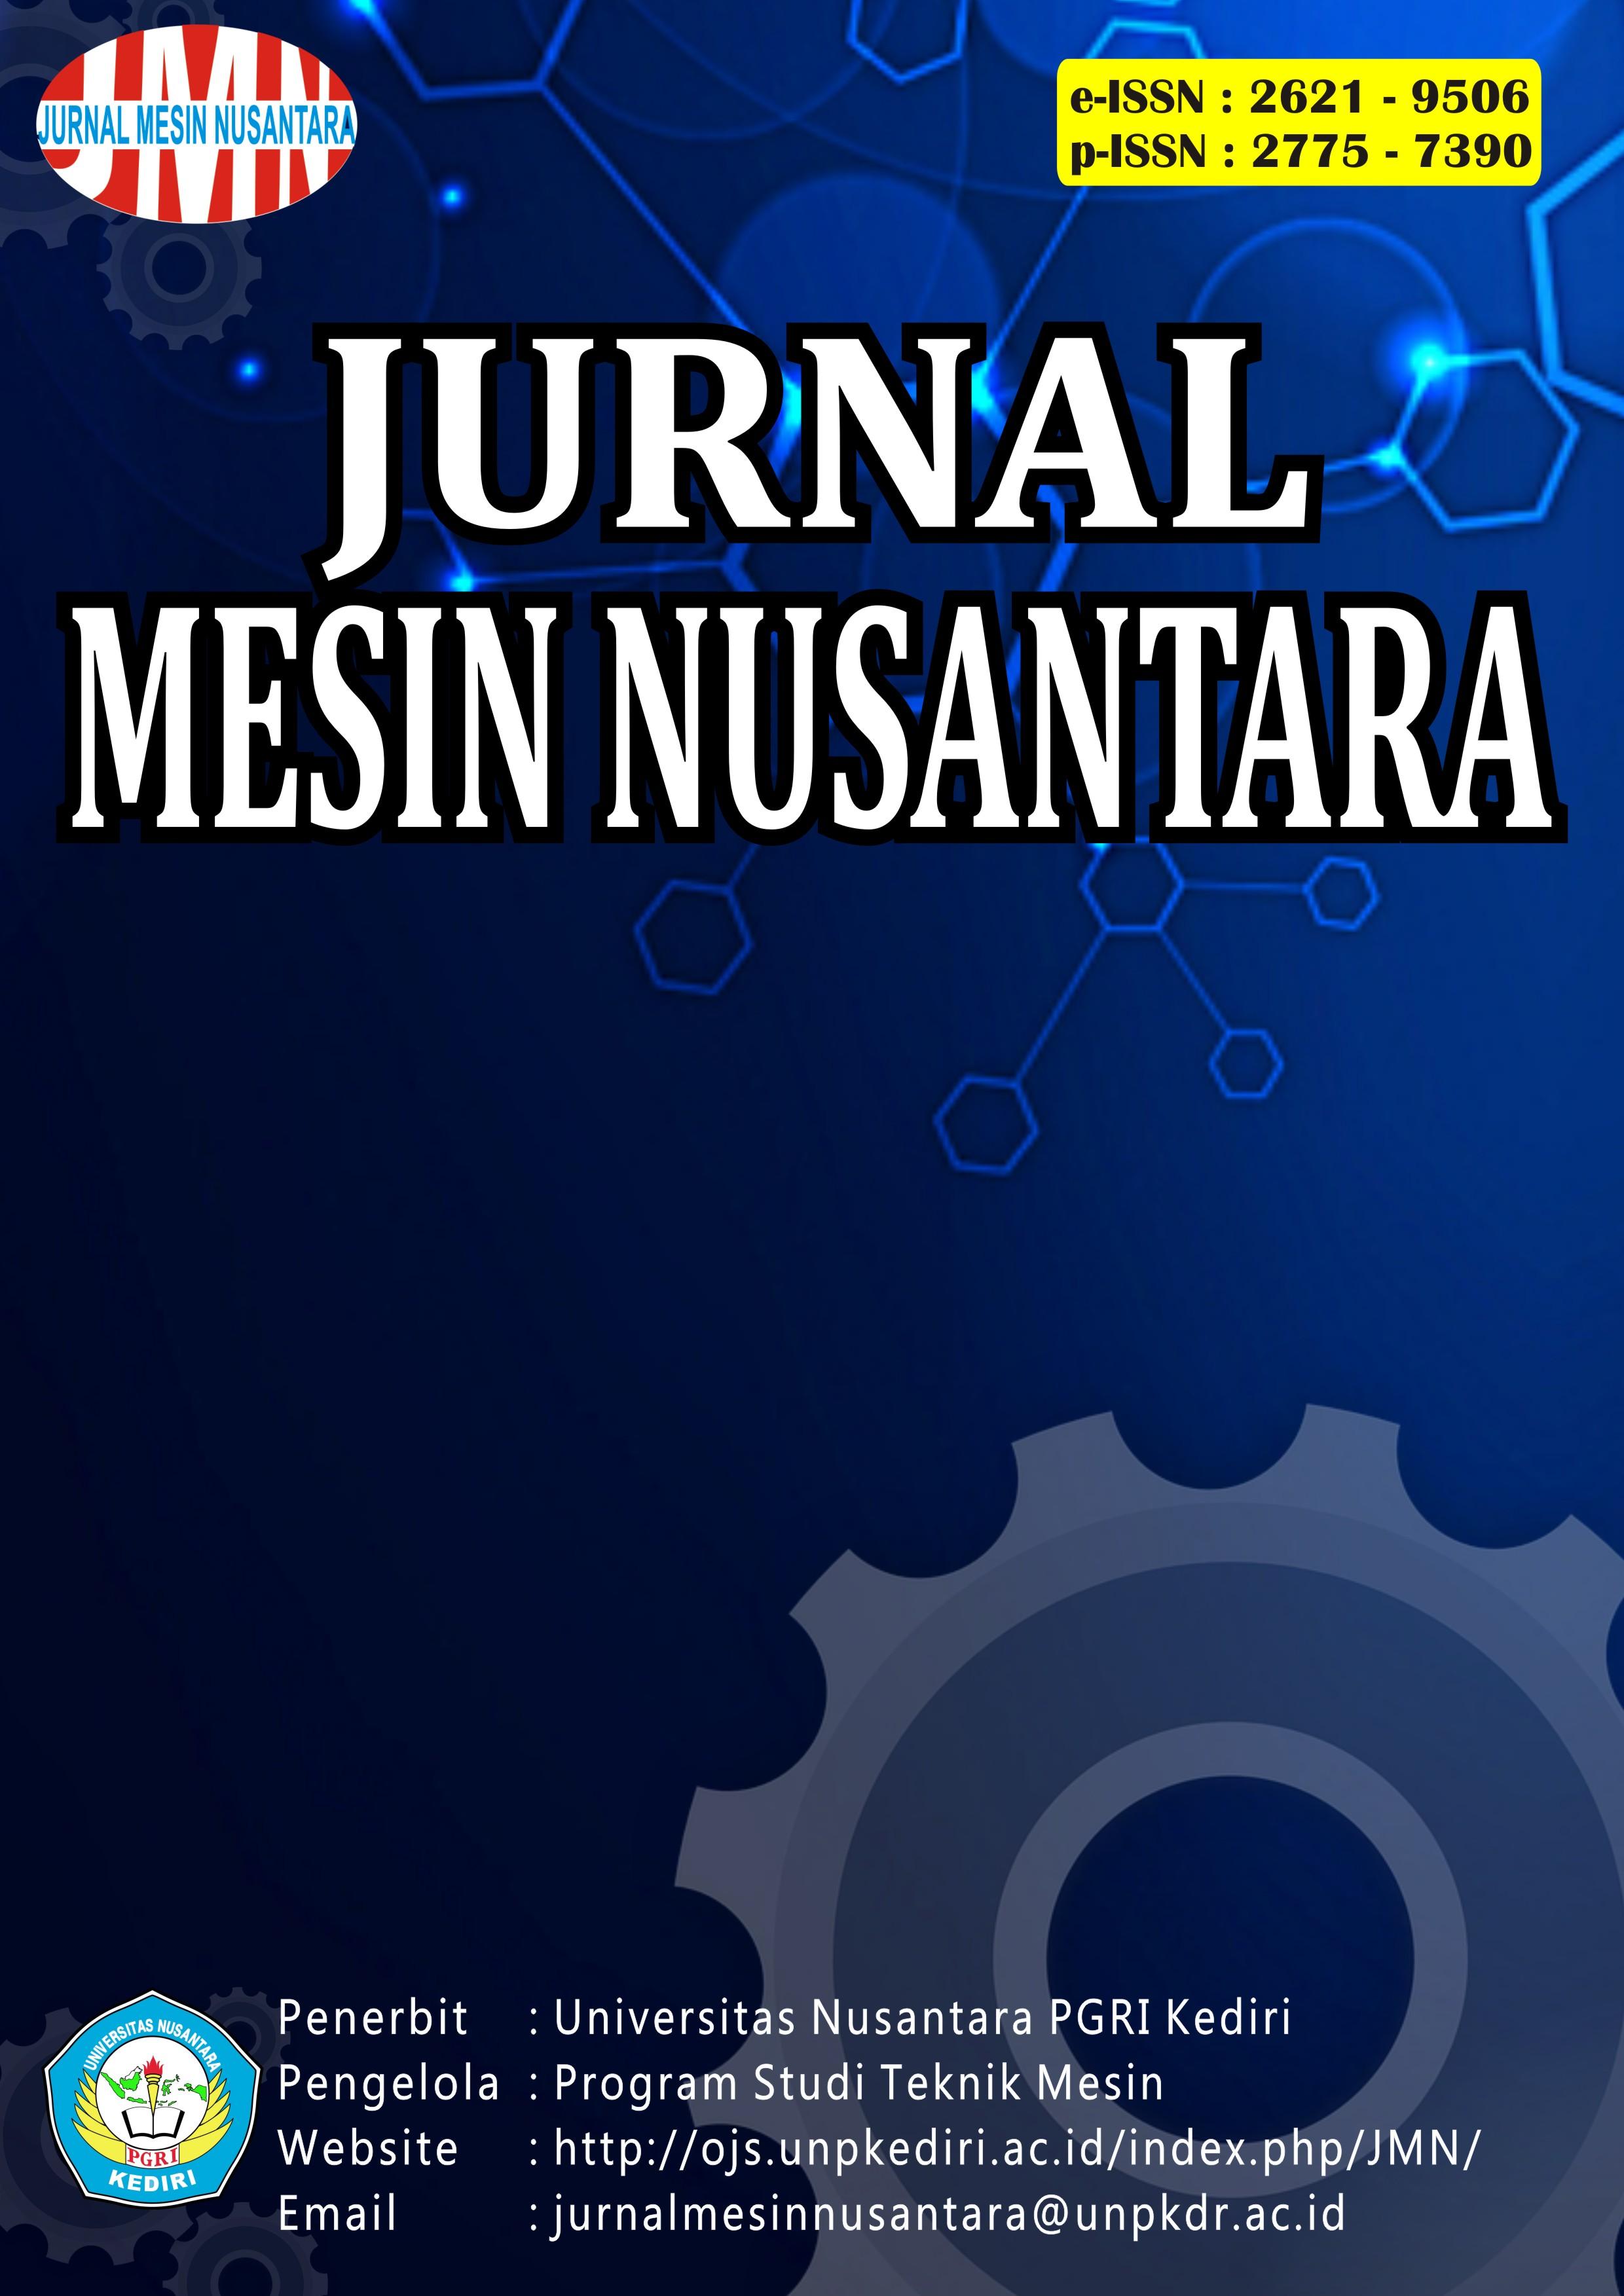 #jurnalmesinnusantara